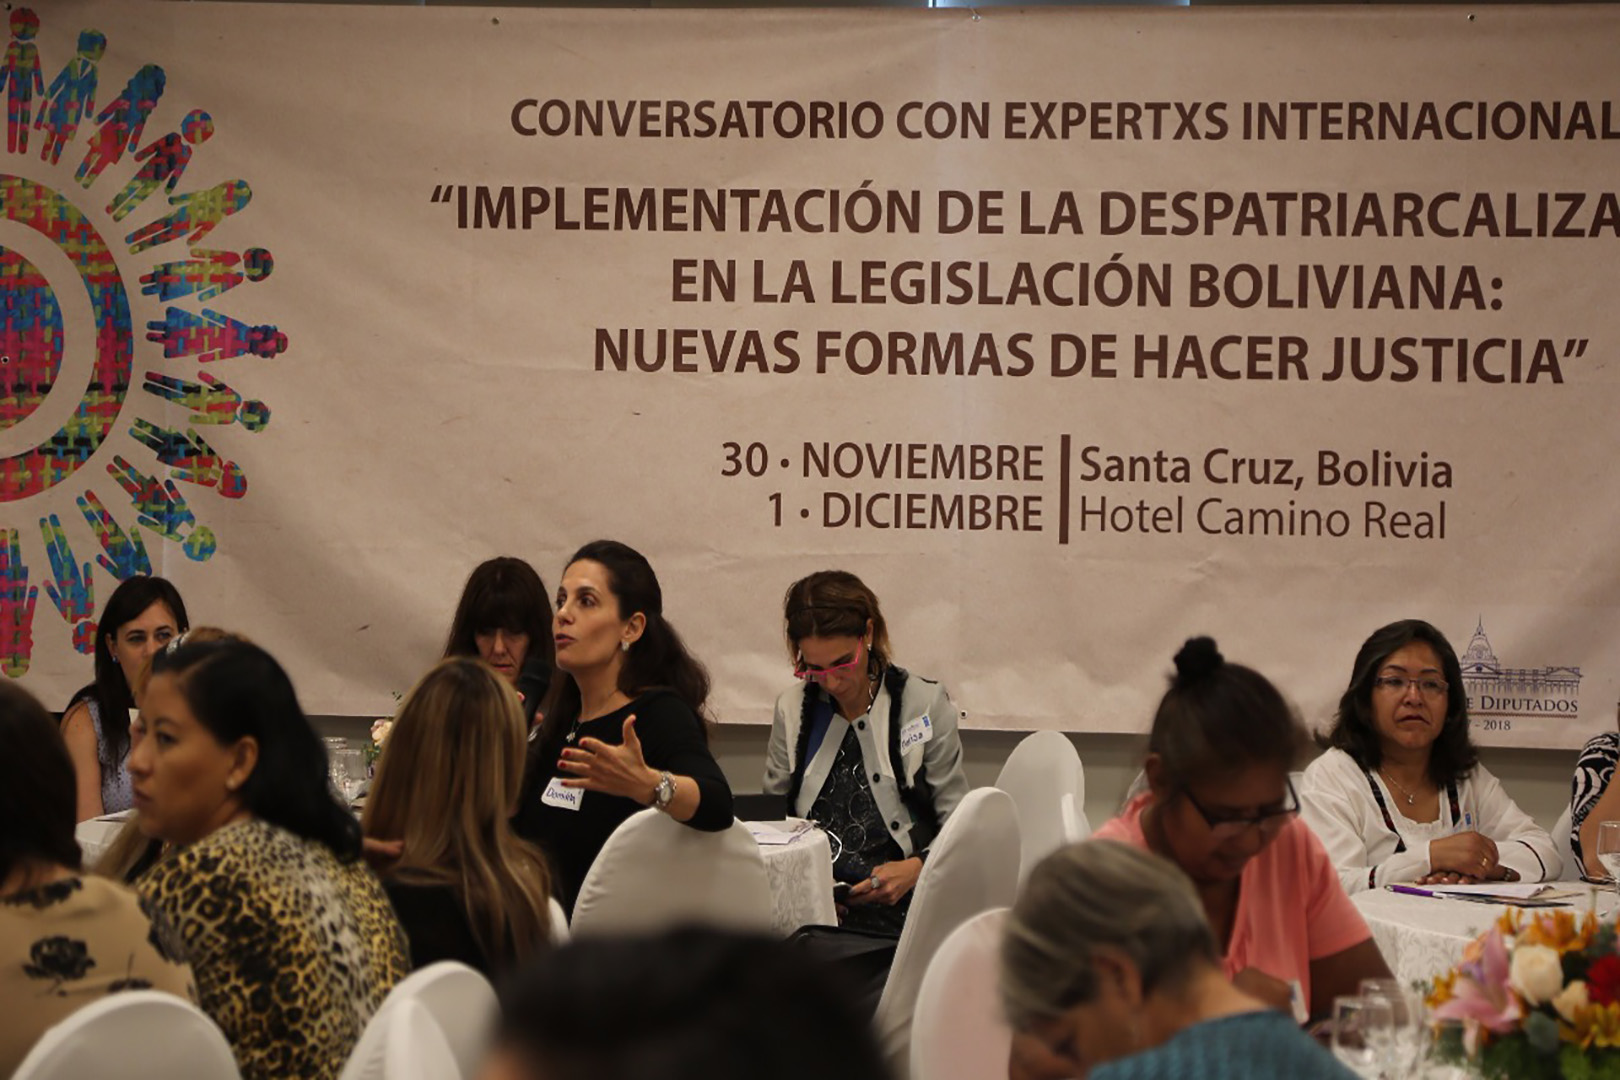 Magistrada paulista participa de congresso sobre violência doméstica na Bolívia